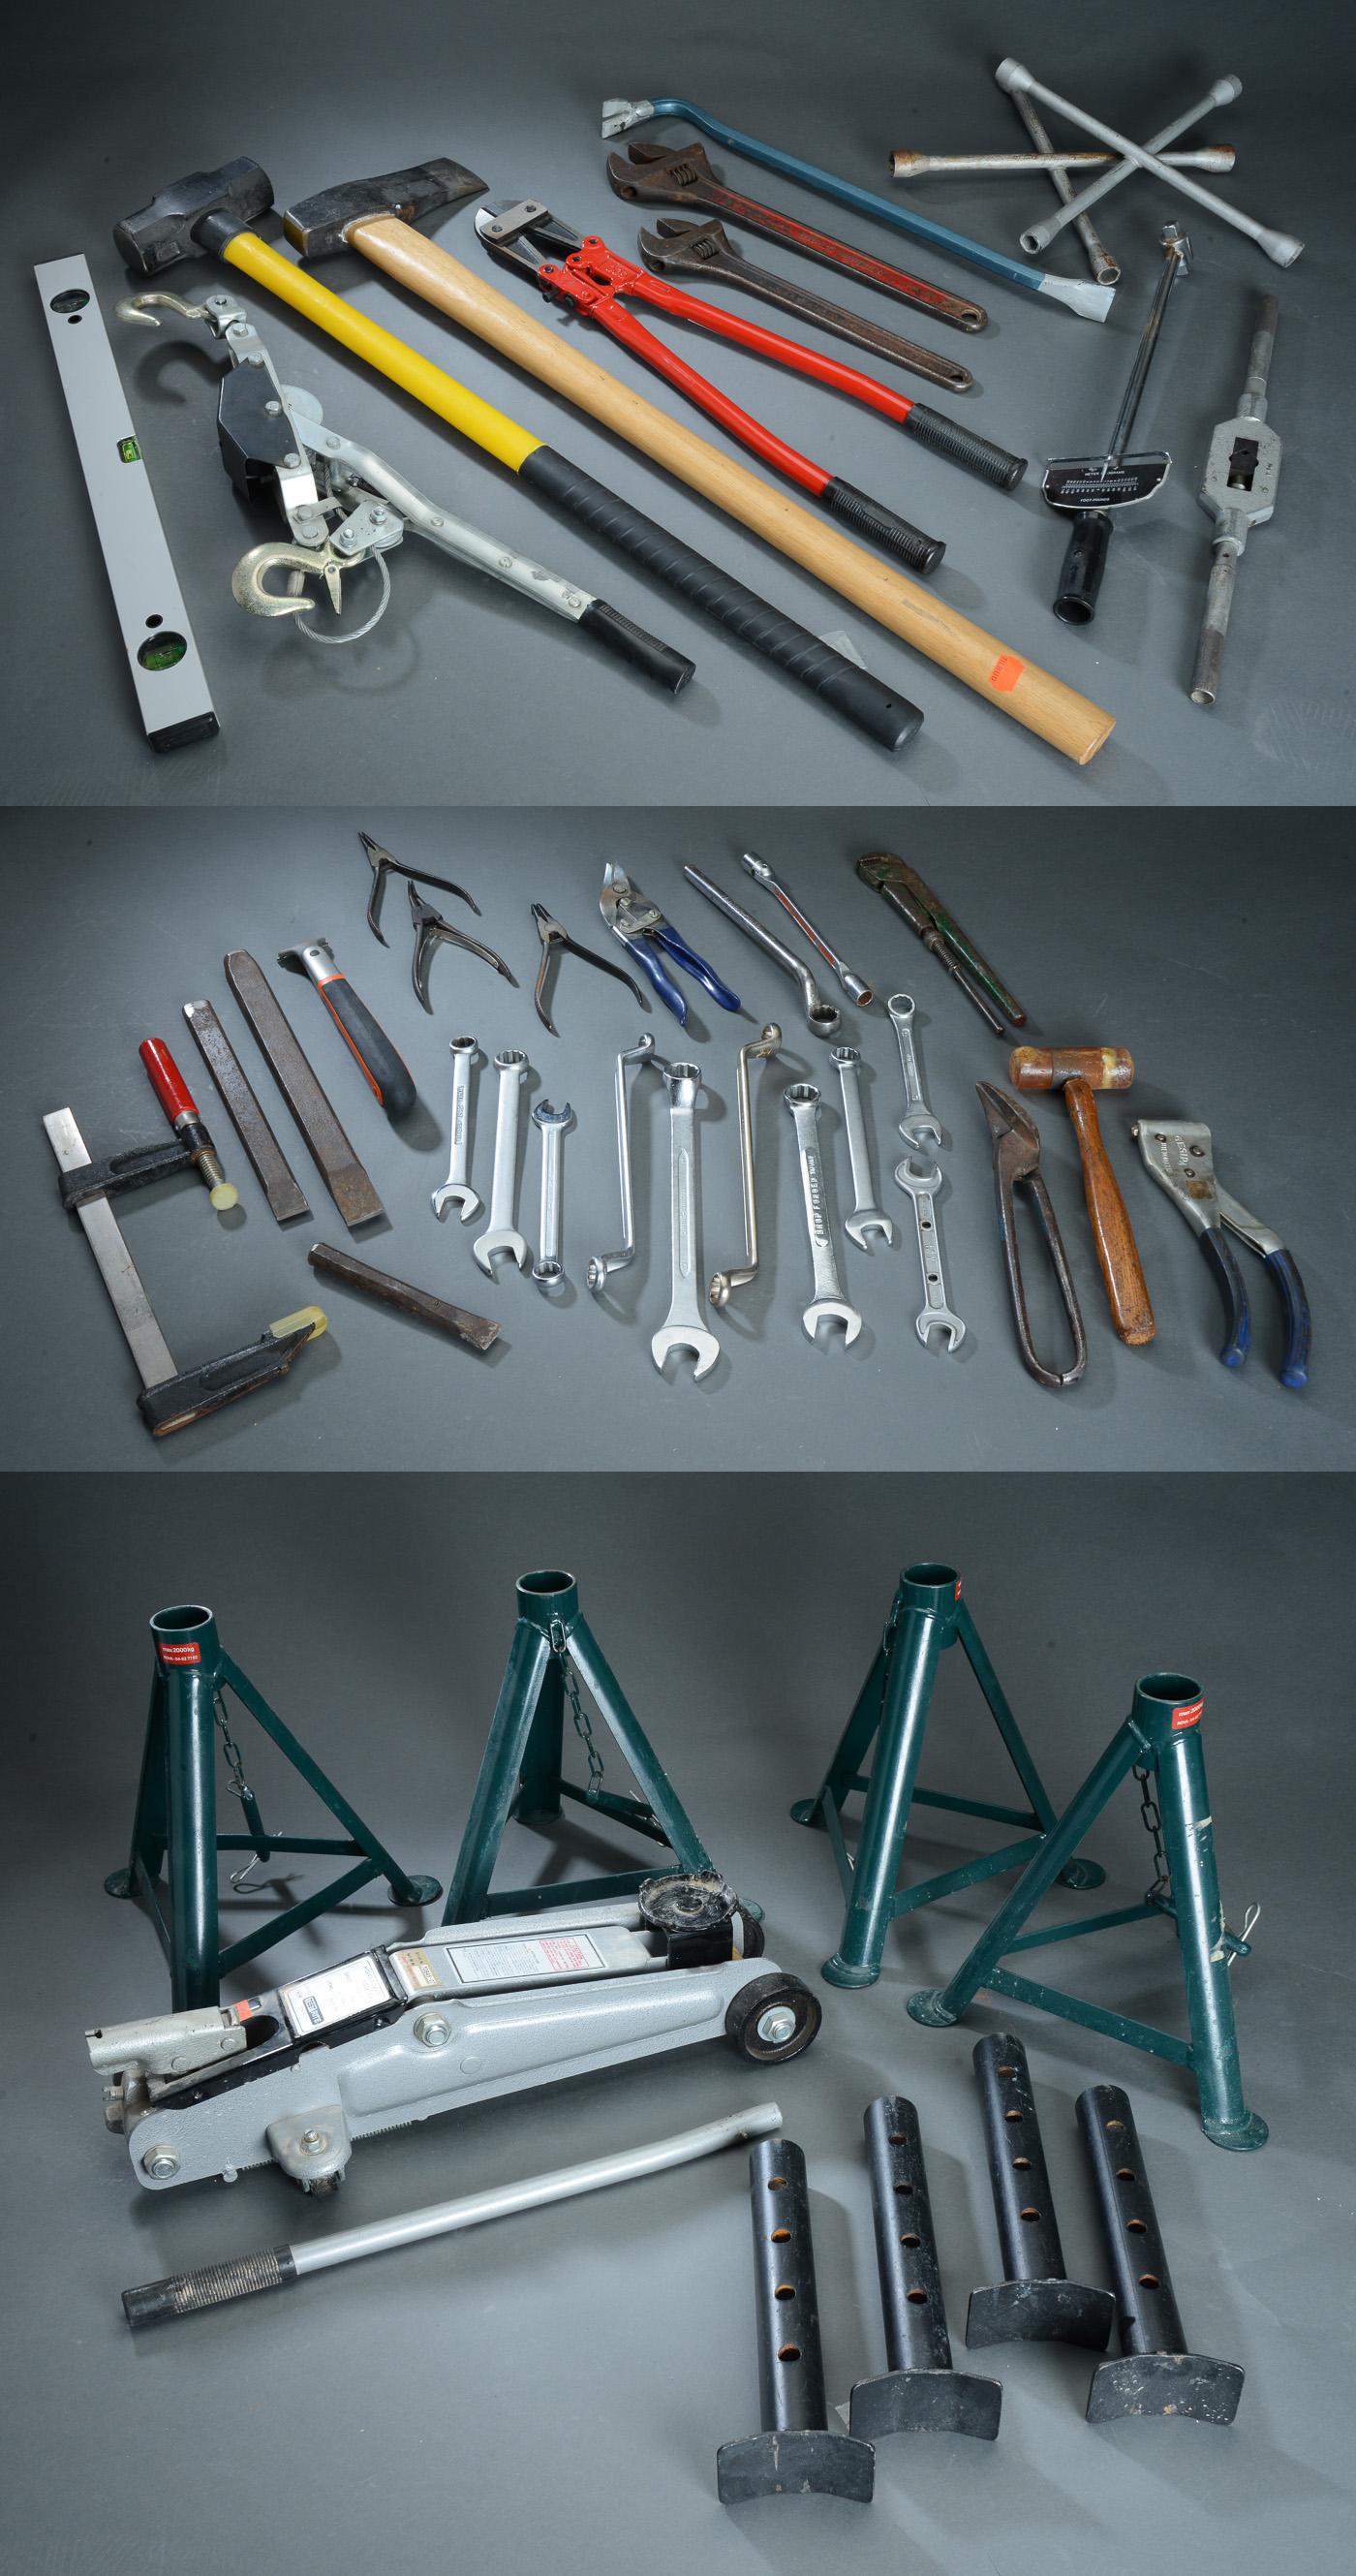 Samling værktøj mm - Samling værktøj, i form af bla. to skiftenøgler L. 37-45 cm, samling fastnøgler, boltsaks, donkraft, fire autobukke mm